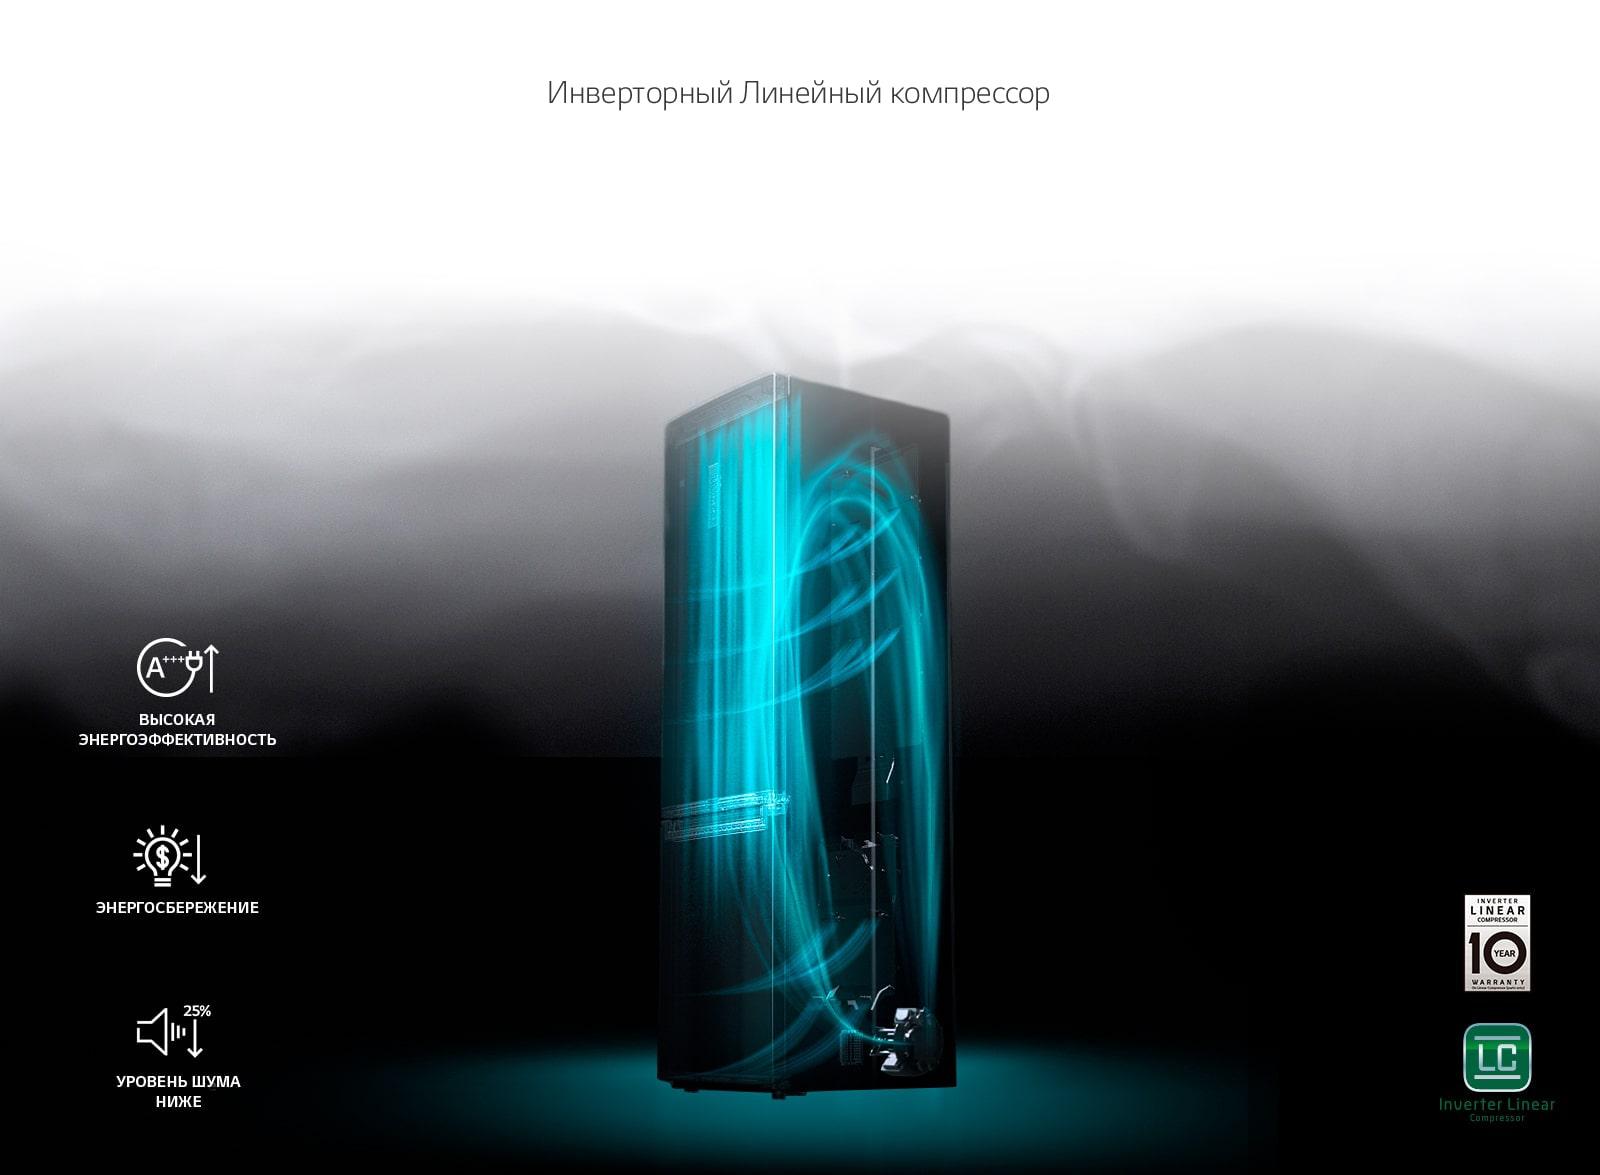 LG 10 лет гарантии на Линейный Компрессор